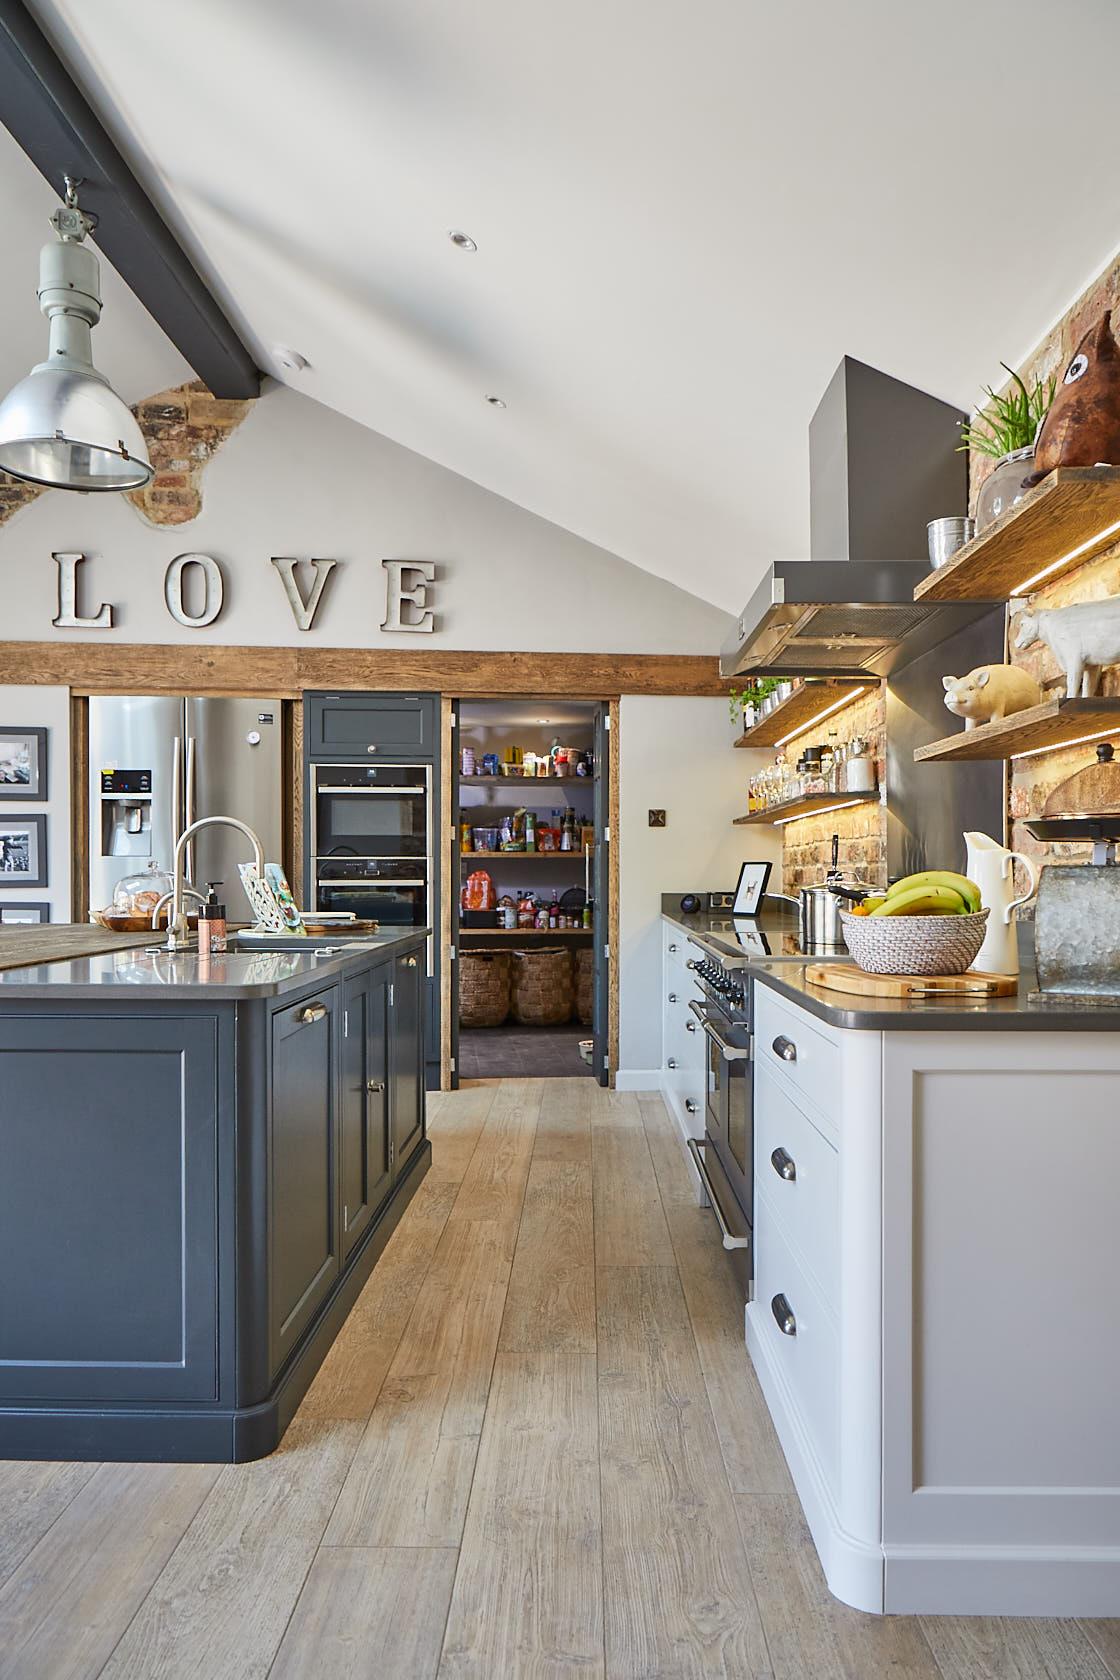 Hidden pantry room behind kitchen cabinet doors and rustic oak wood trim